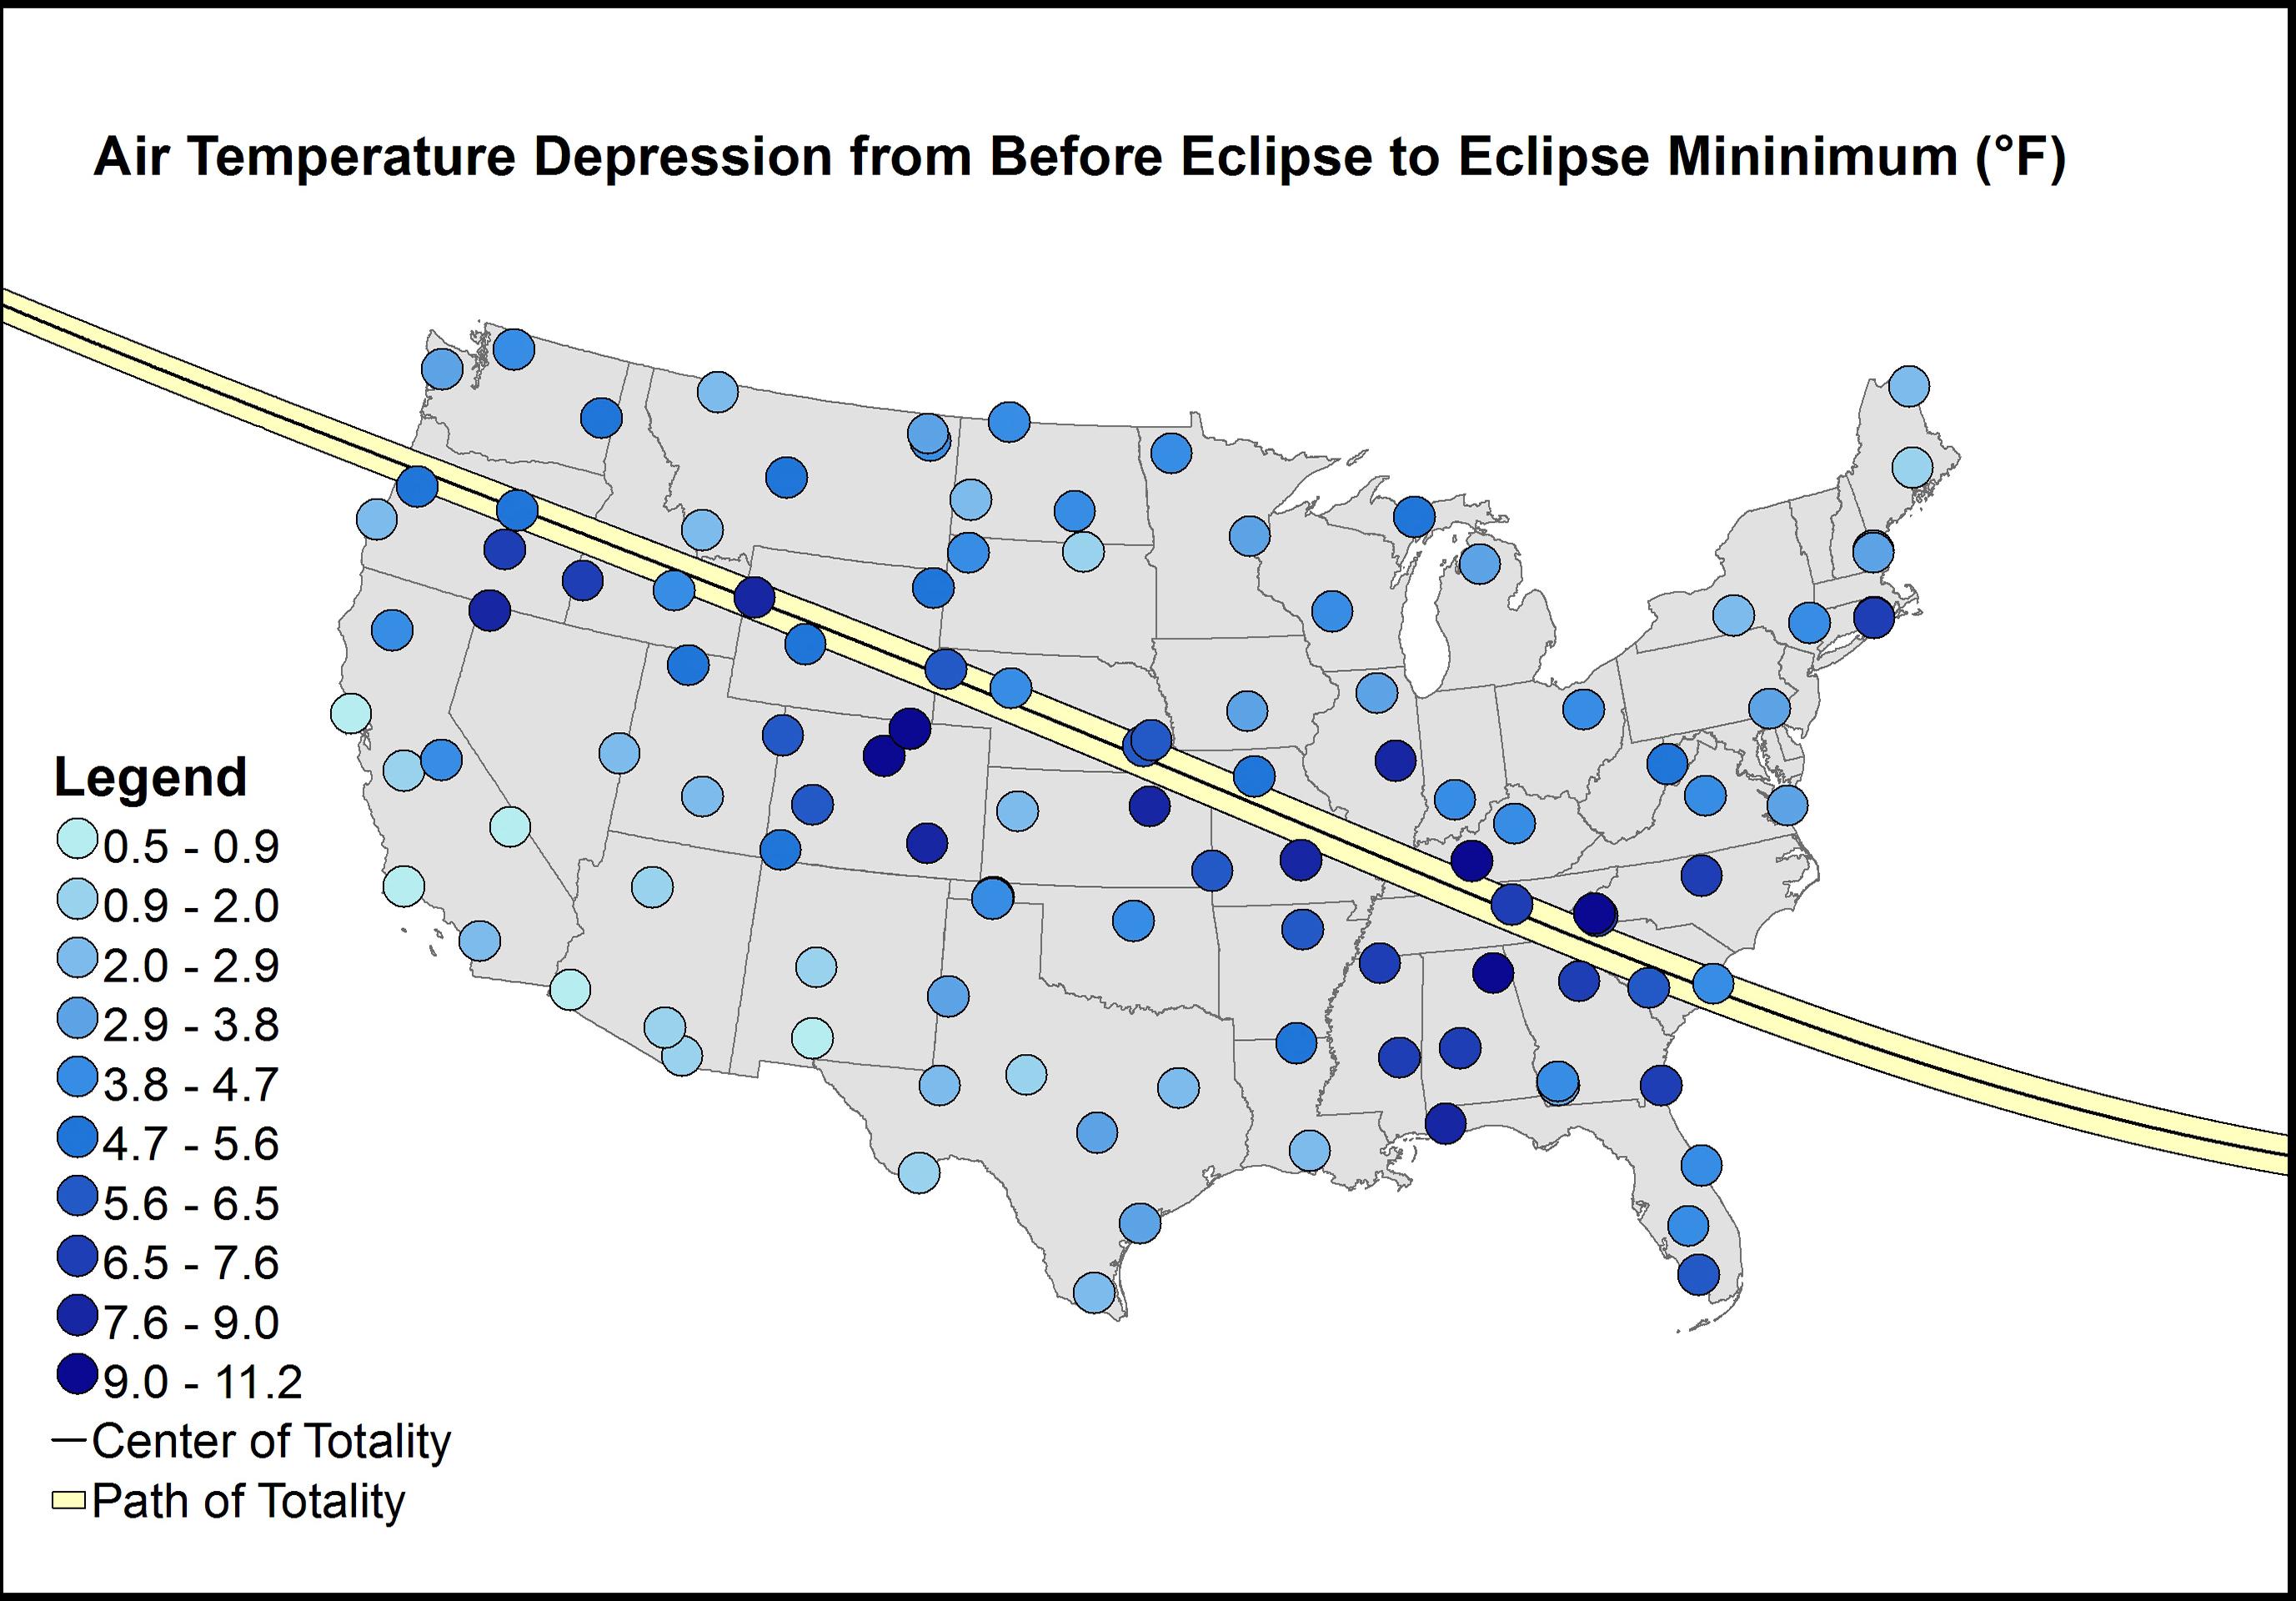 Graph of Air Temperature Depression